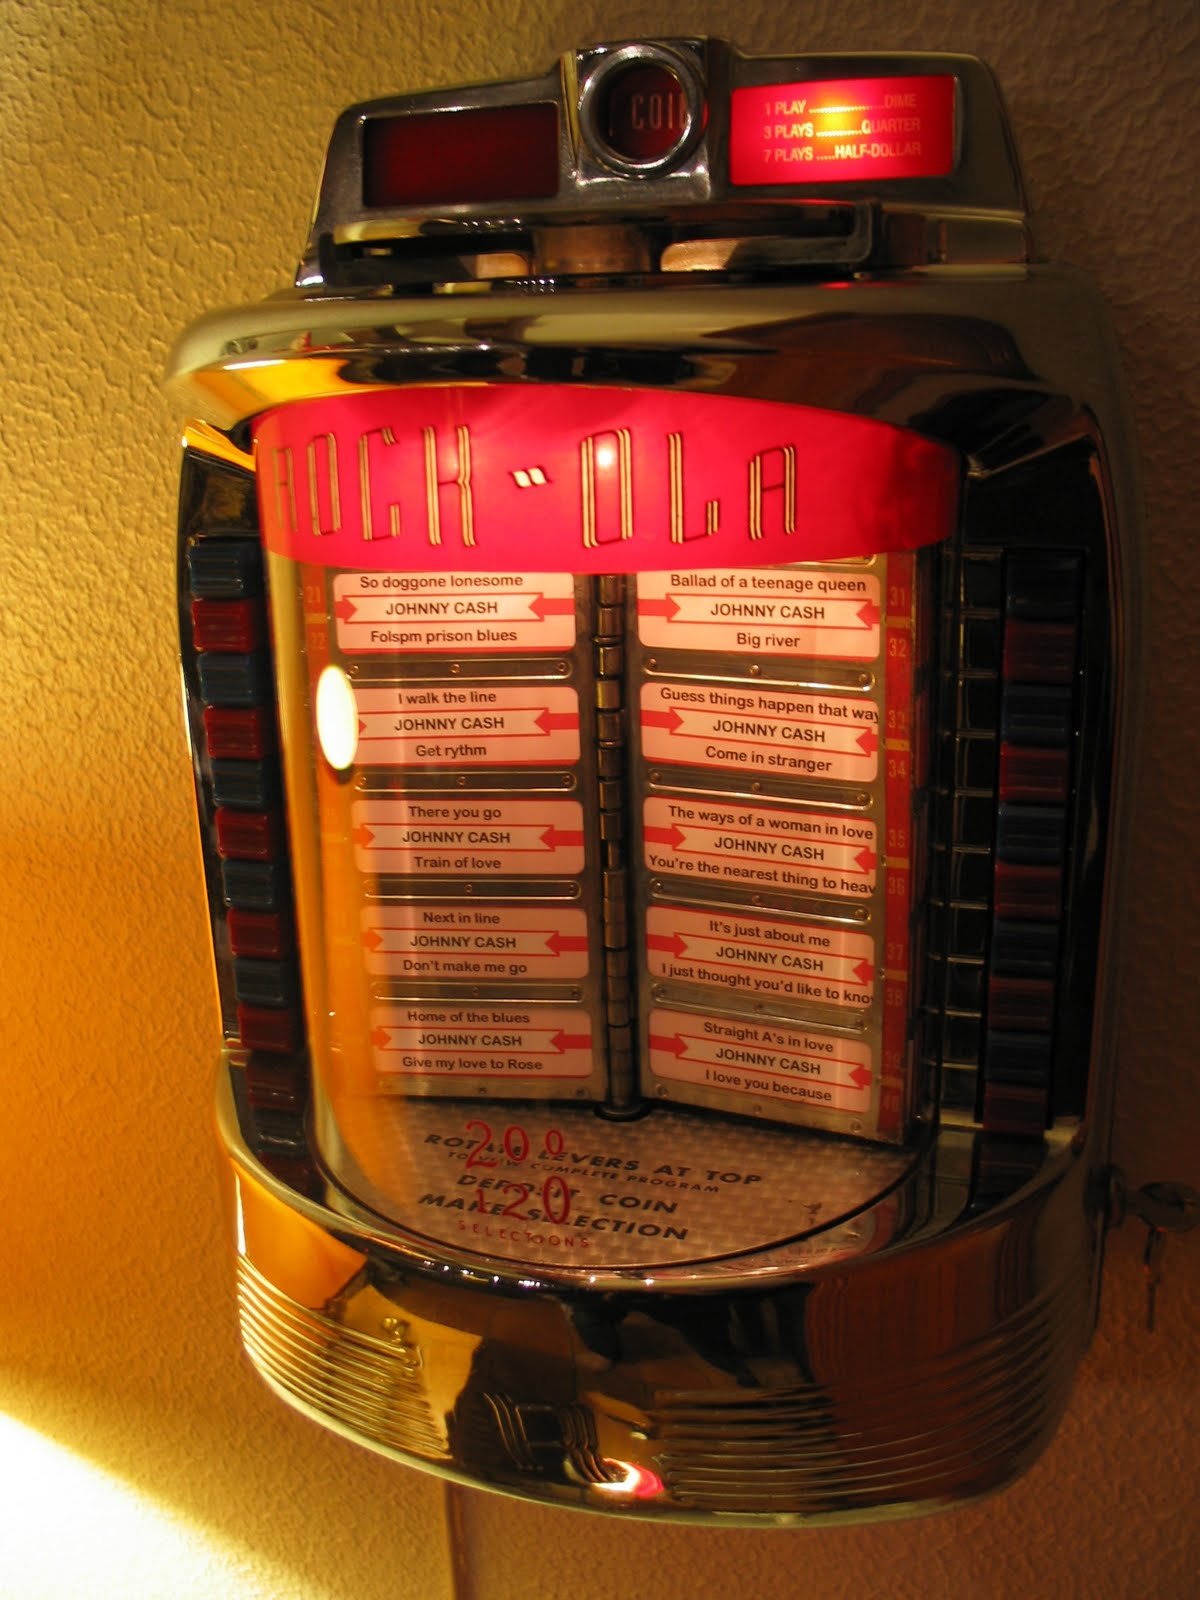 http://1.bp.blogspot.com/_EvyYQ49LpOg/TIPUo2FQTRI/AAAAAAAACWc/rI9XIHJatFI/s1600/Jukebox+014.JPG